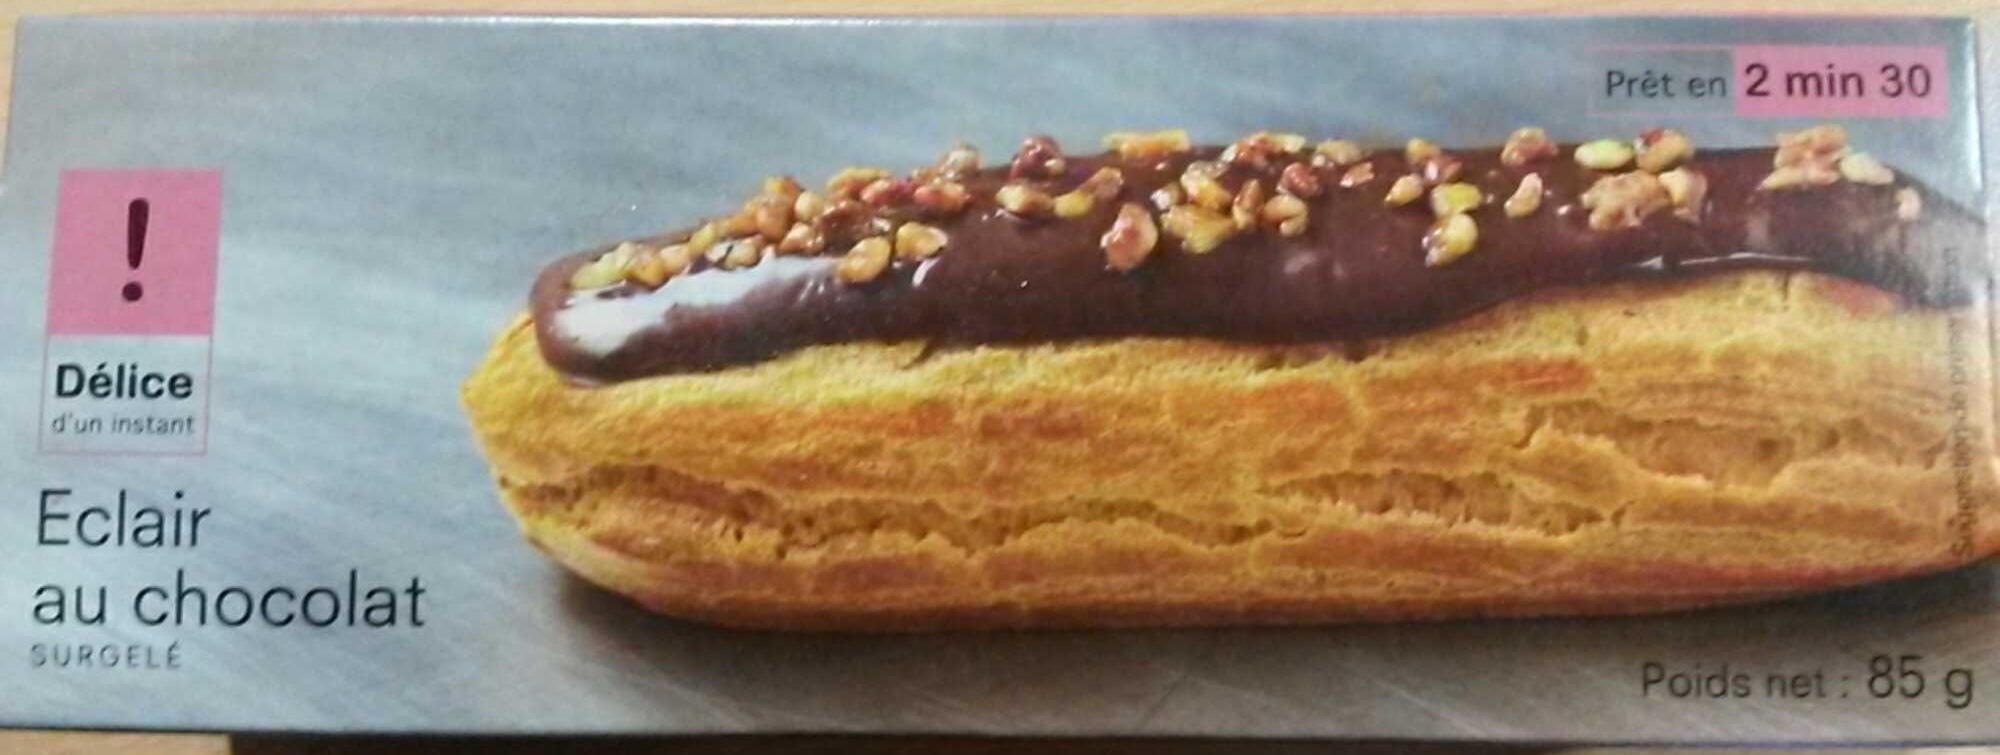 éclair au chocolat surgelé - Product - fr